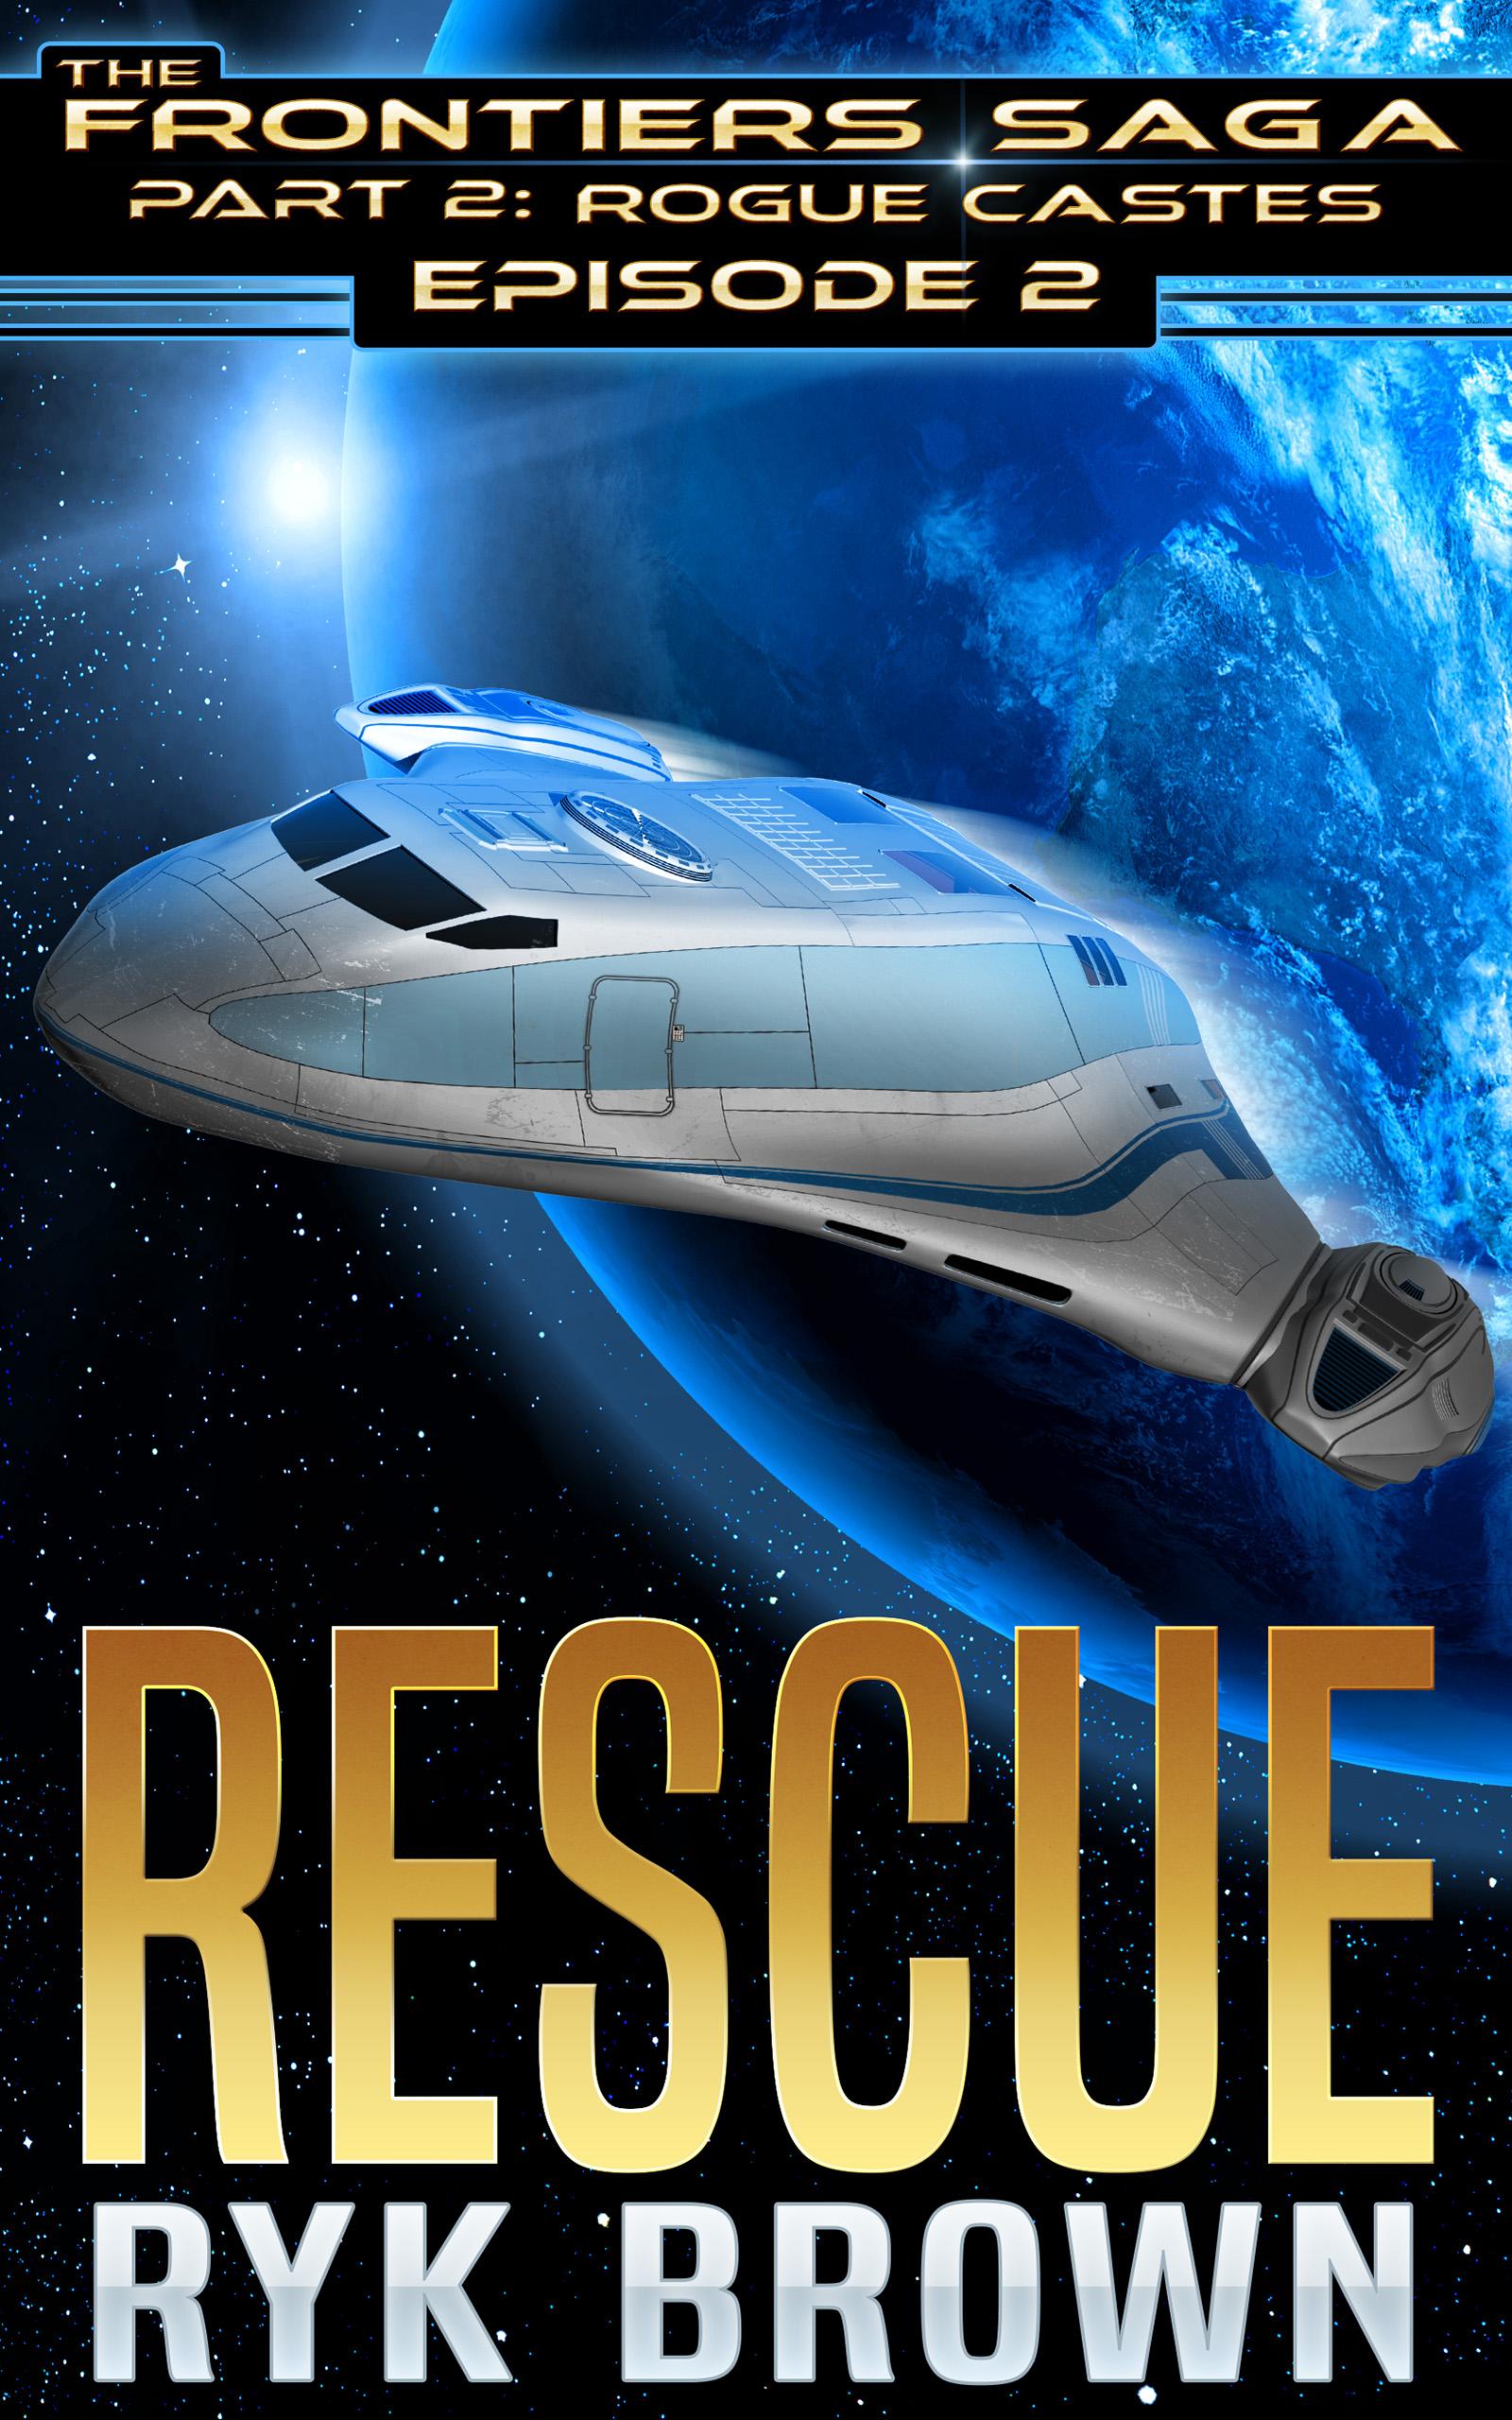 rescue-2560x1600-300dpi